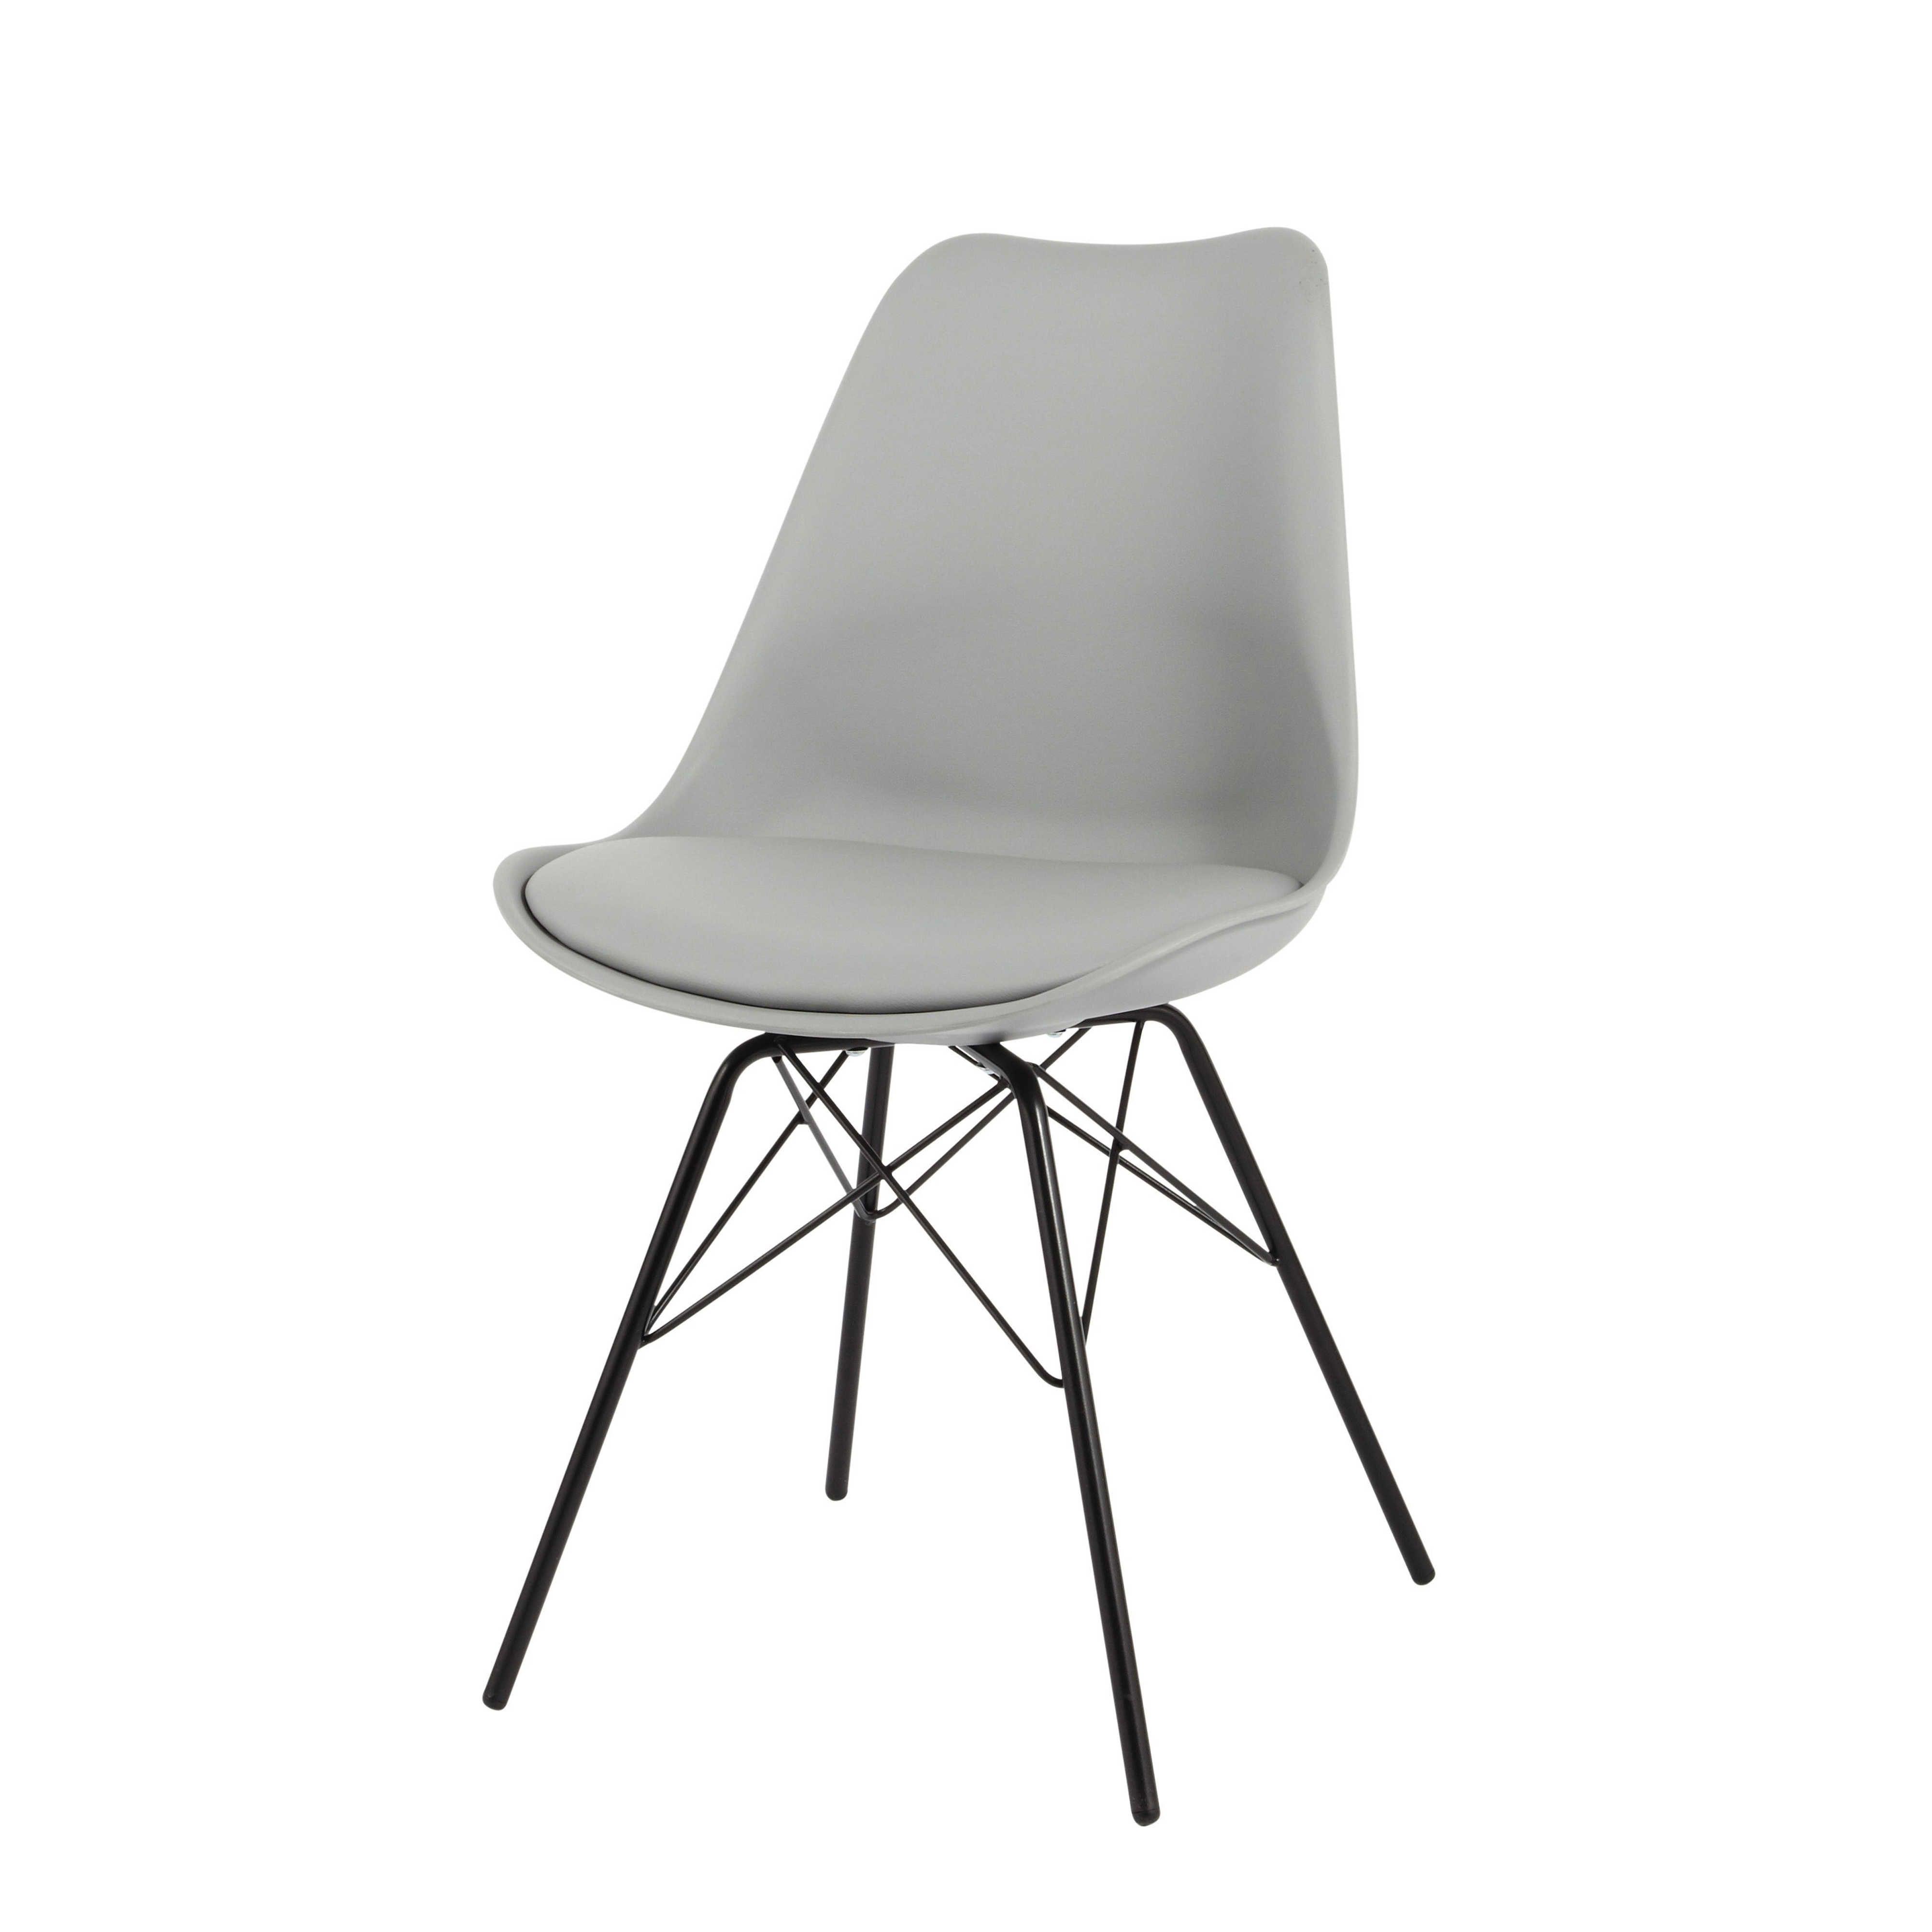 Bezaubernd Esszimmerstühle Metall Referenz Von Stuhl Aus Kunststoff Und Metall, Grau Coventry